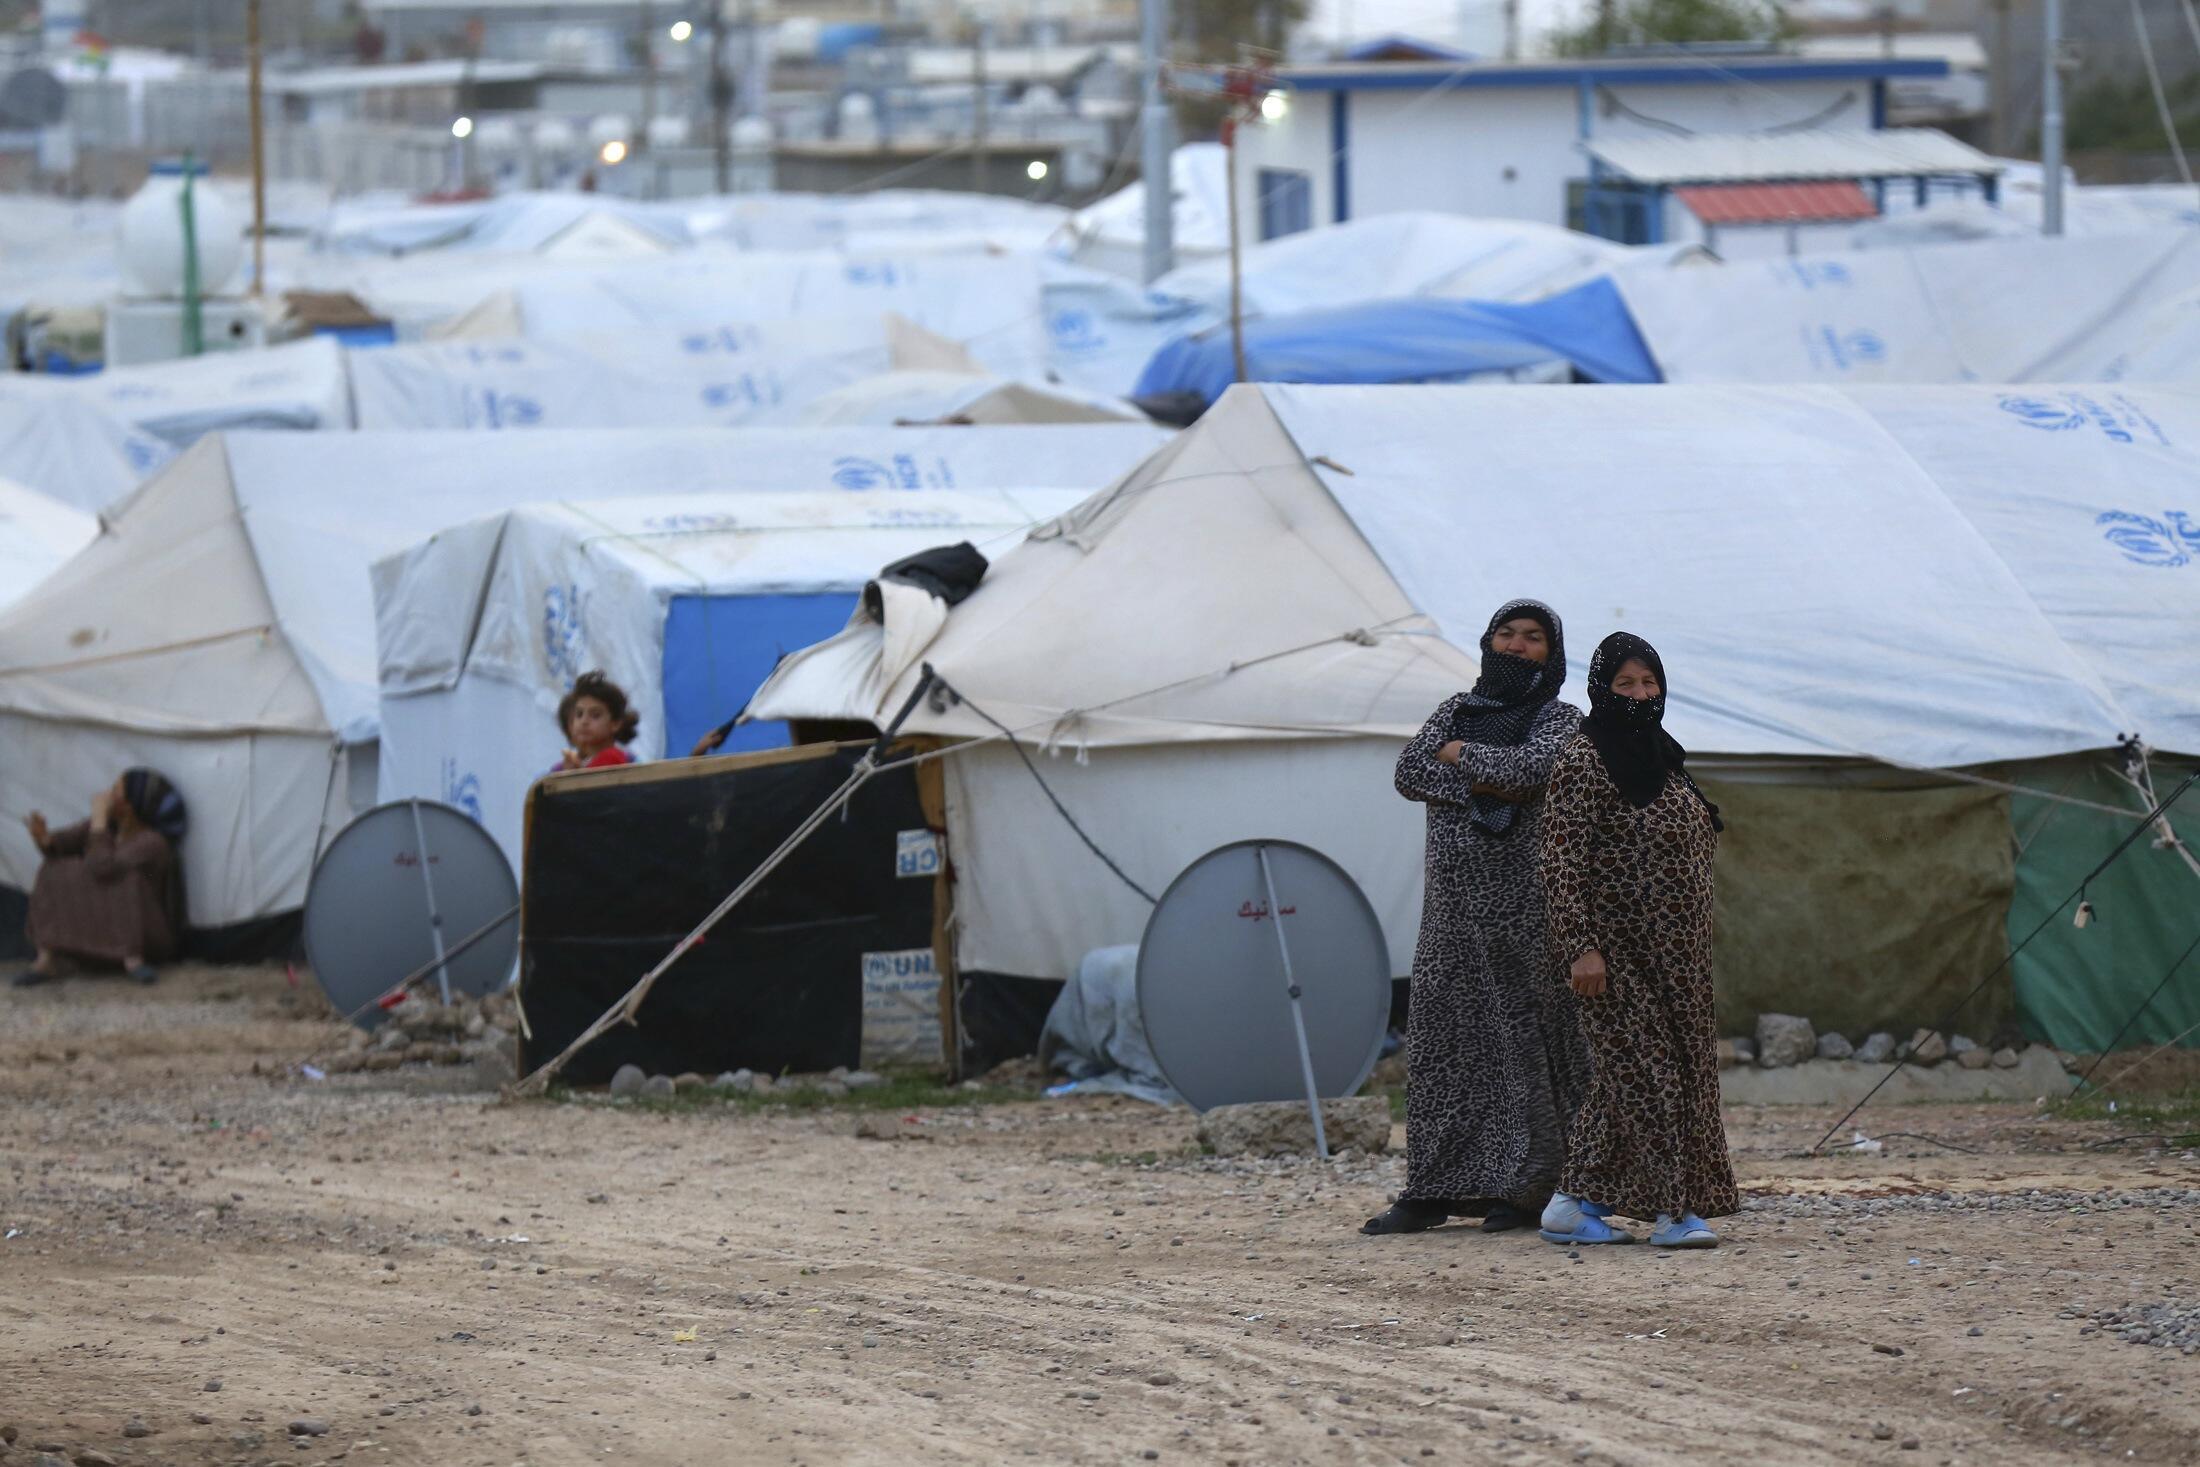 Un campo de refugiados sirios en Erbil, en la región del Kurdistándu iraquí, el 29 de 2014.